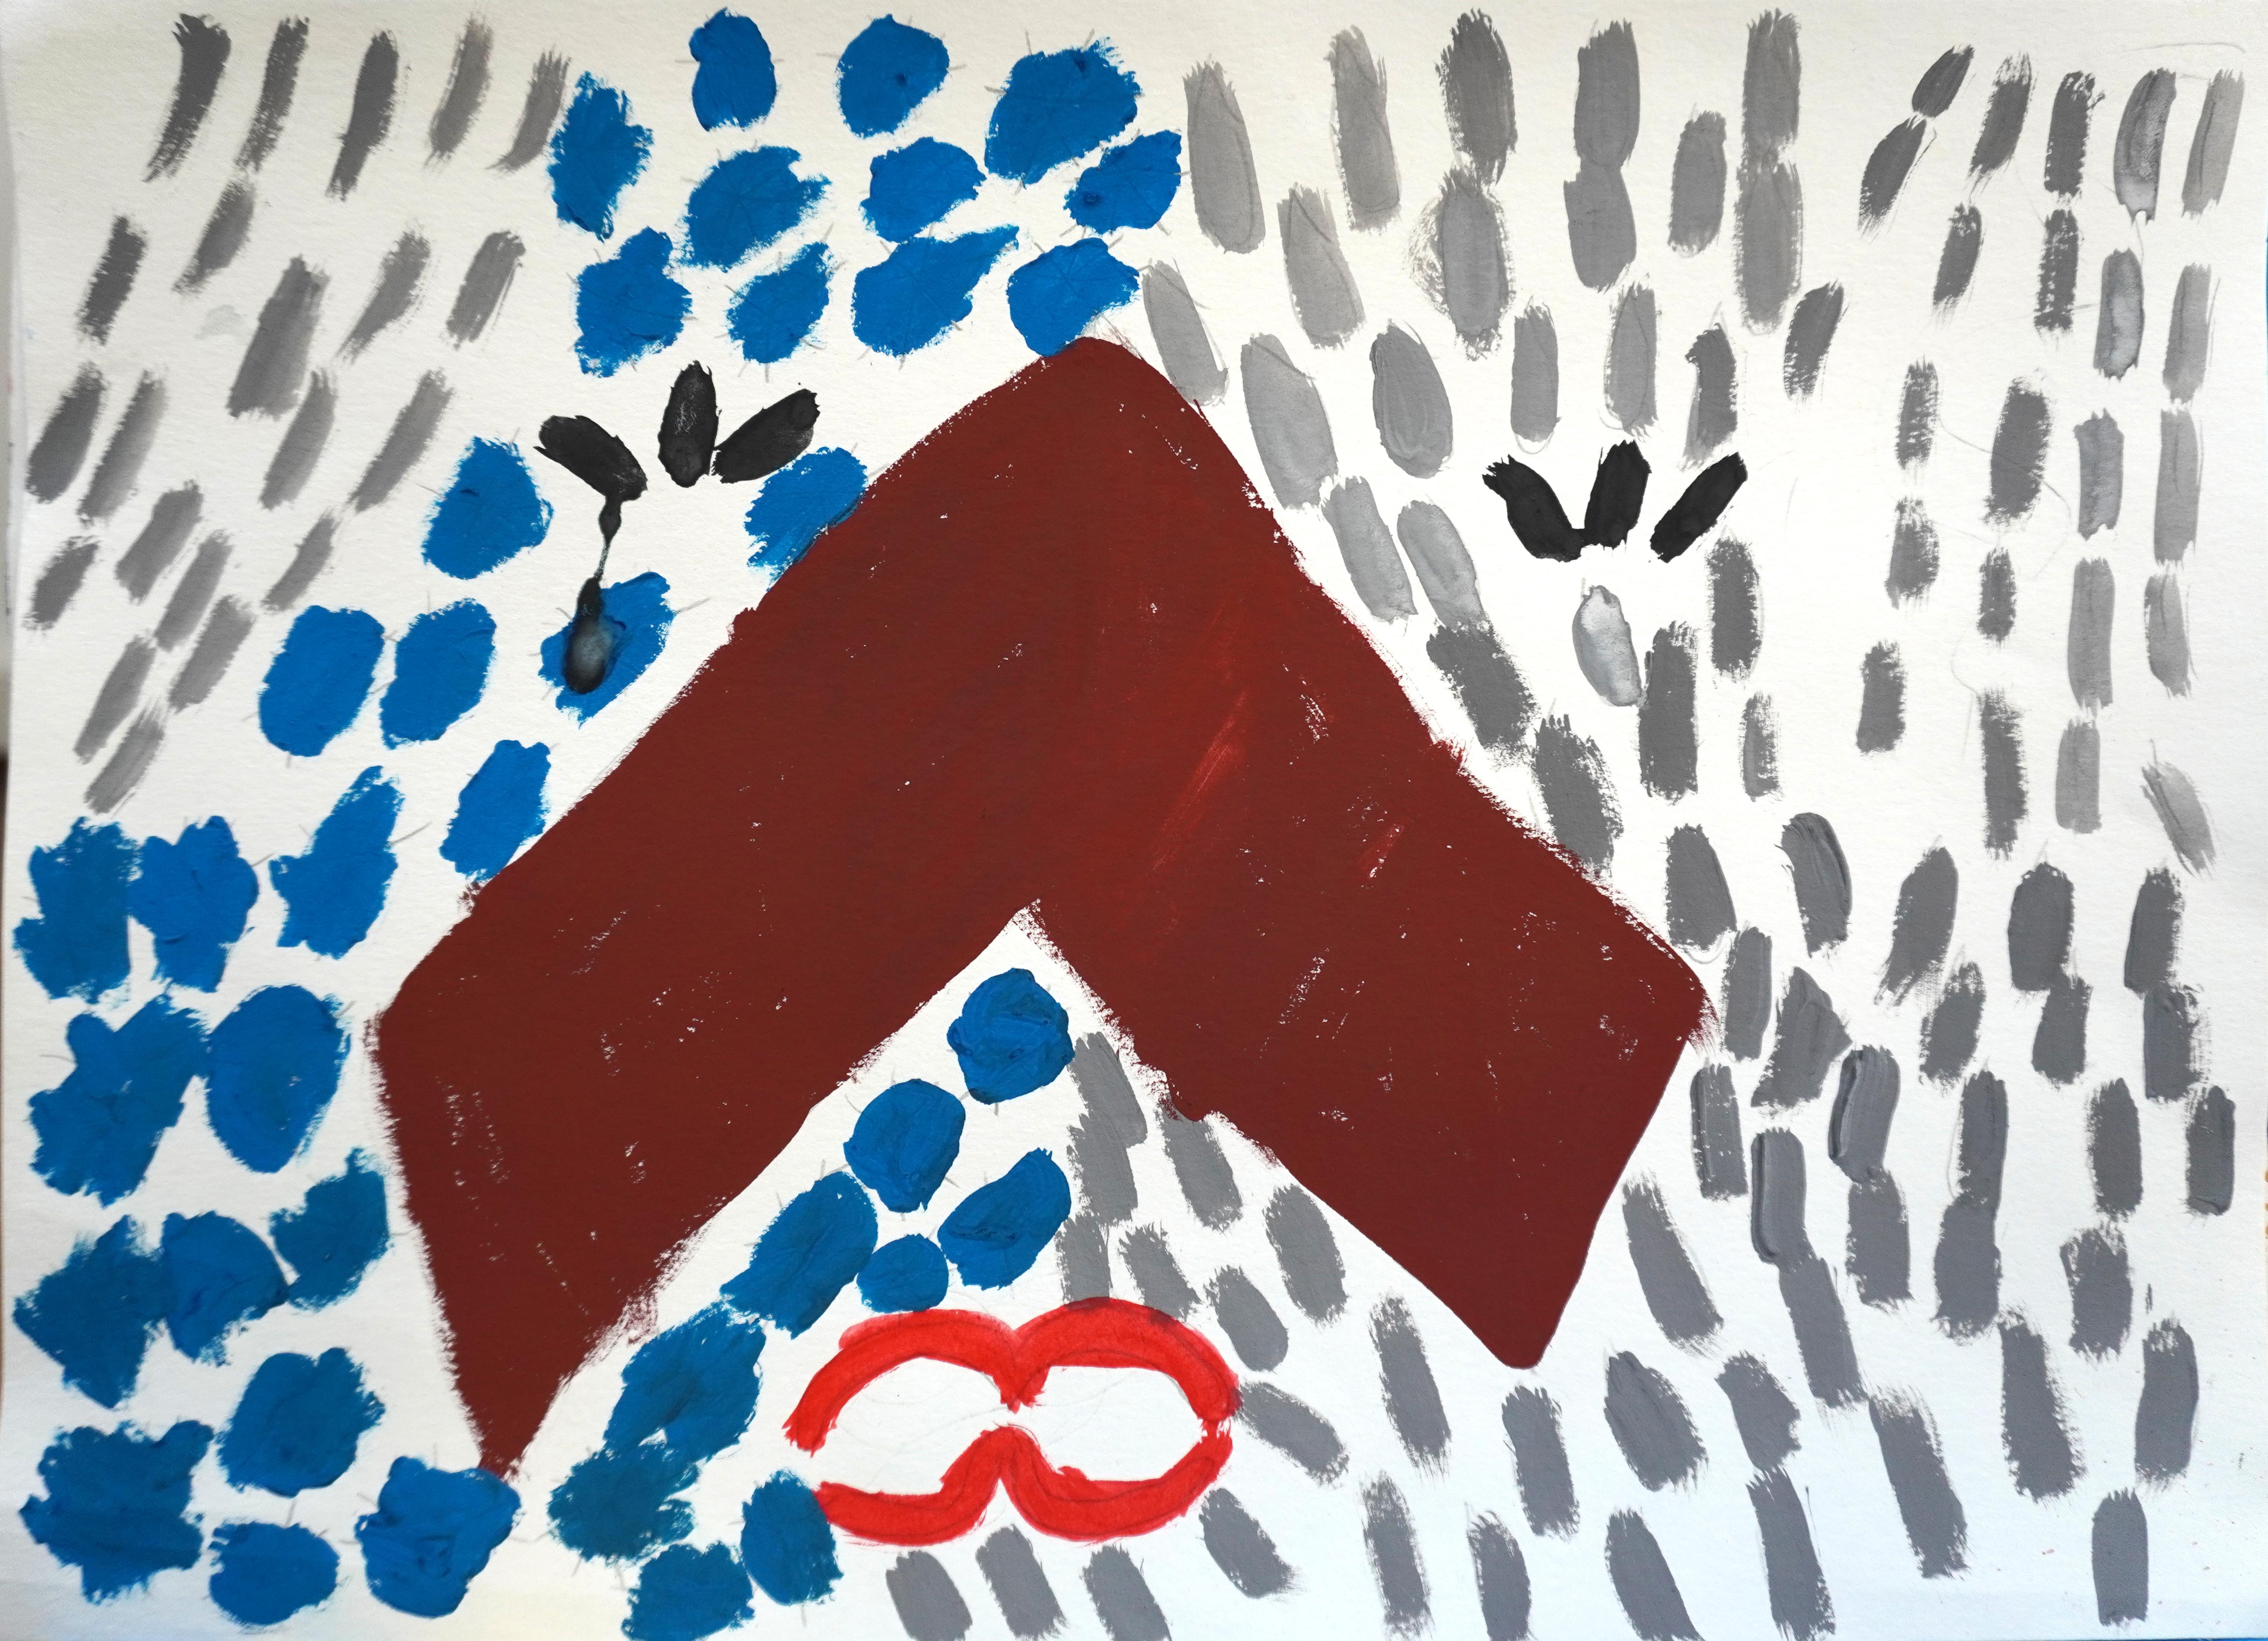 Анна Сапон, «Рада музиці. Книга. Дощ Сніг. На губах»